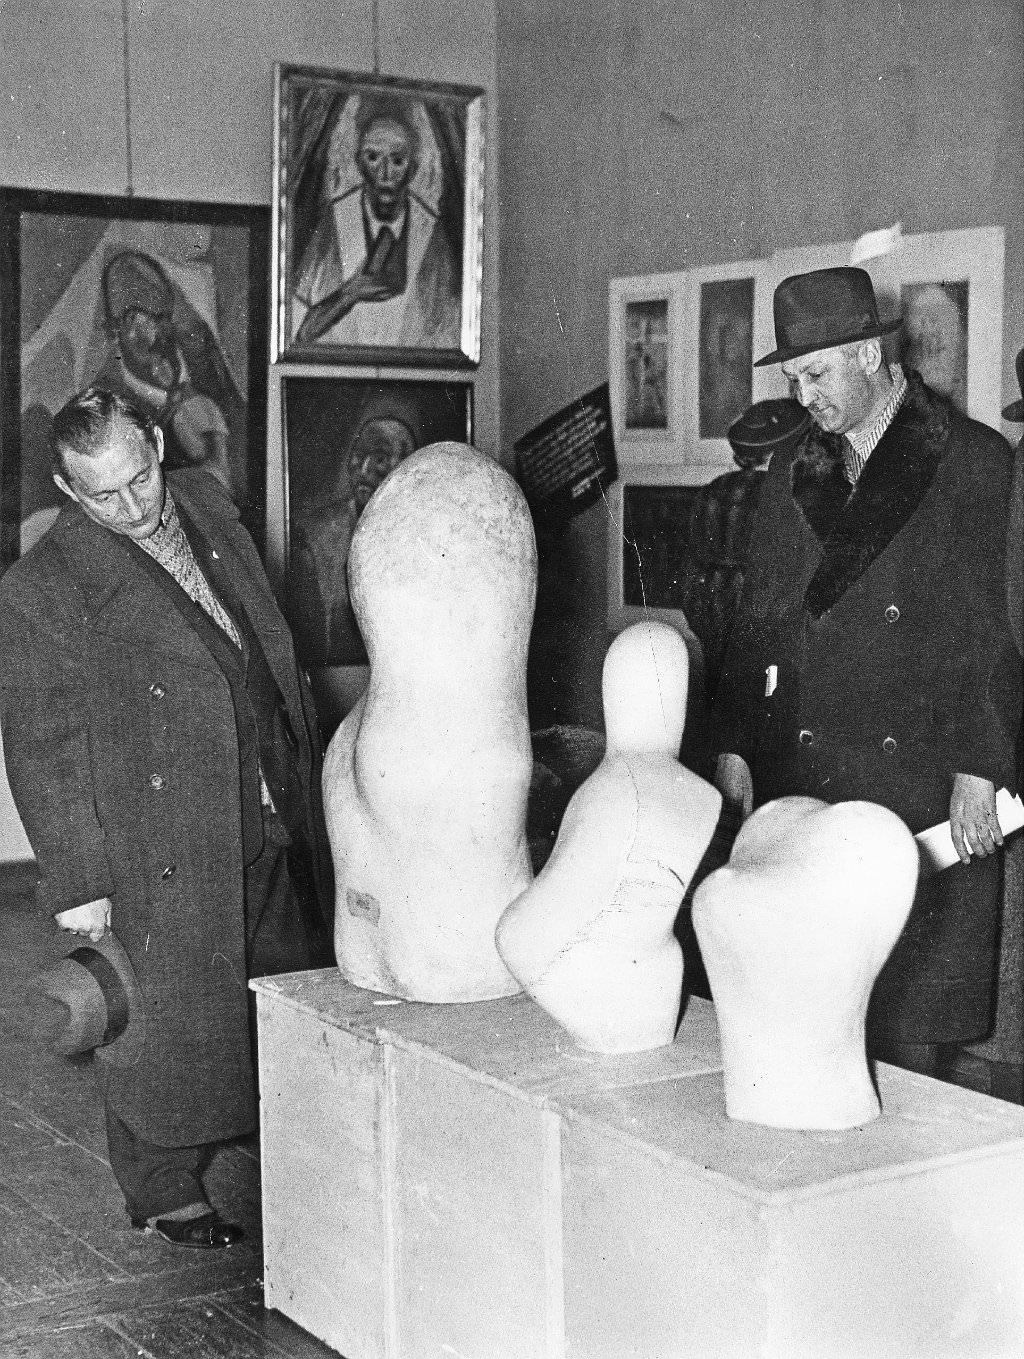 Abb. 18  Blick in die Ausstellung »Entartete Kunst«, Berlin 1938  © Zentrum Paul Klee, Bildarchiv